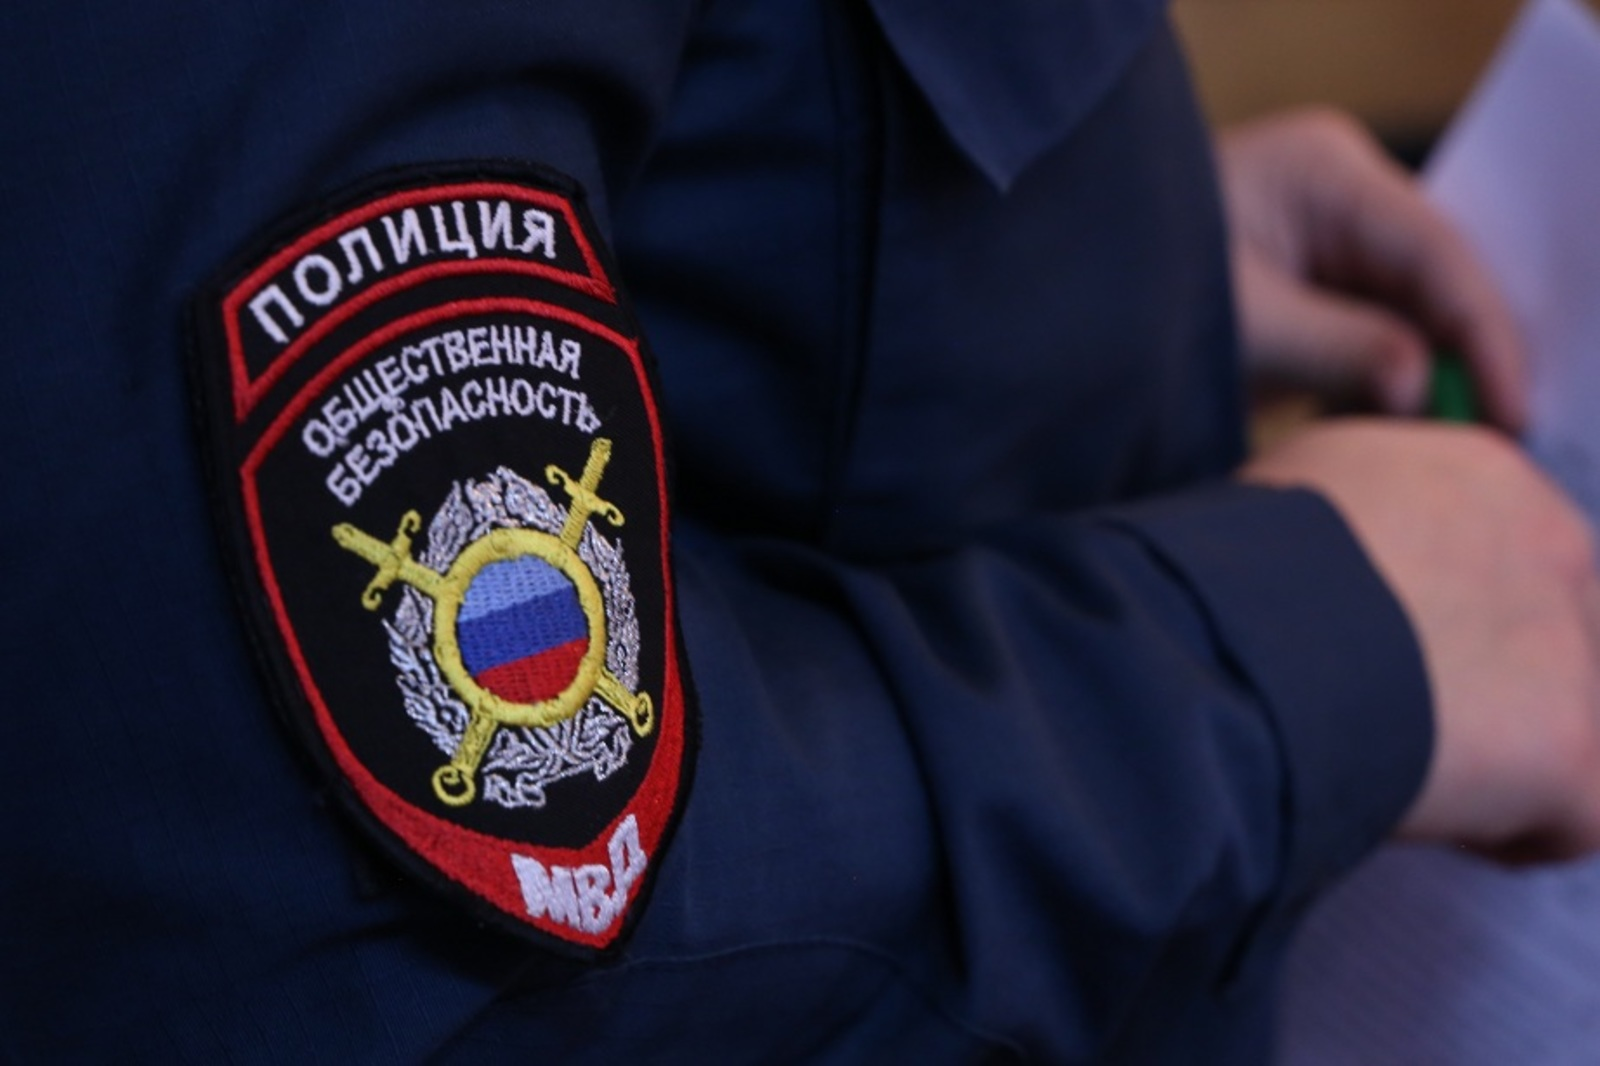 Полицейские открыли дело по заявлению от москвича о возможных мошеннических действиях в его отношении